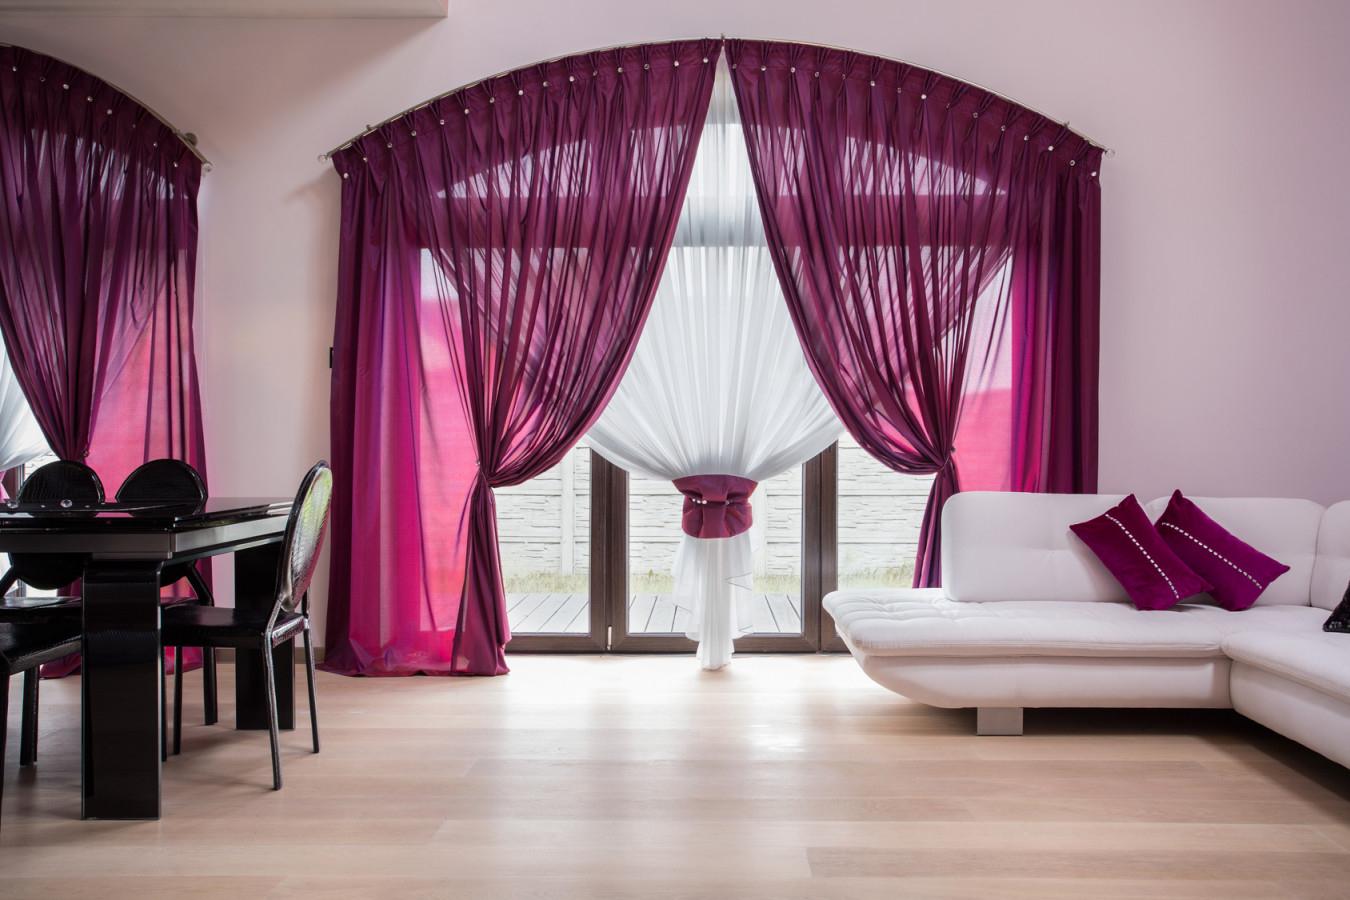 Gardinen 6 Ideen Für Das Wohnzimmer von Gardinen Farbe Wohnzimmer Bild